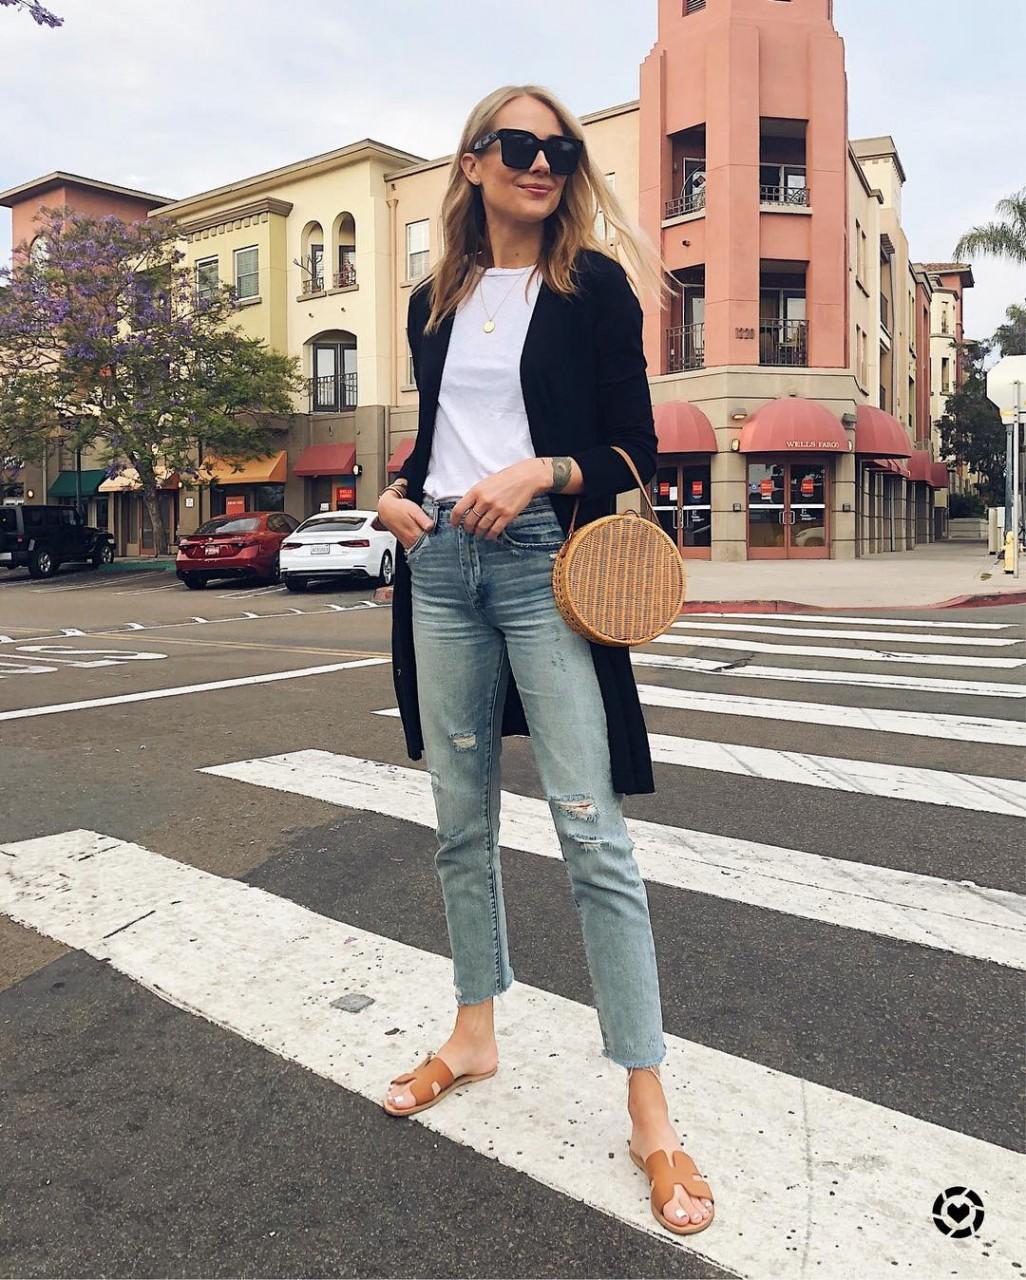 Сандалии-дюна стали новым обувным трендом лета 2018